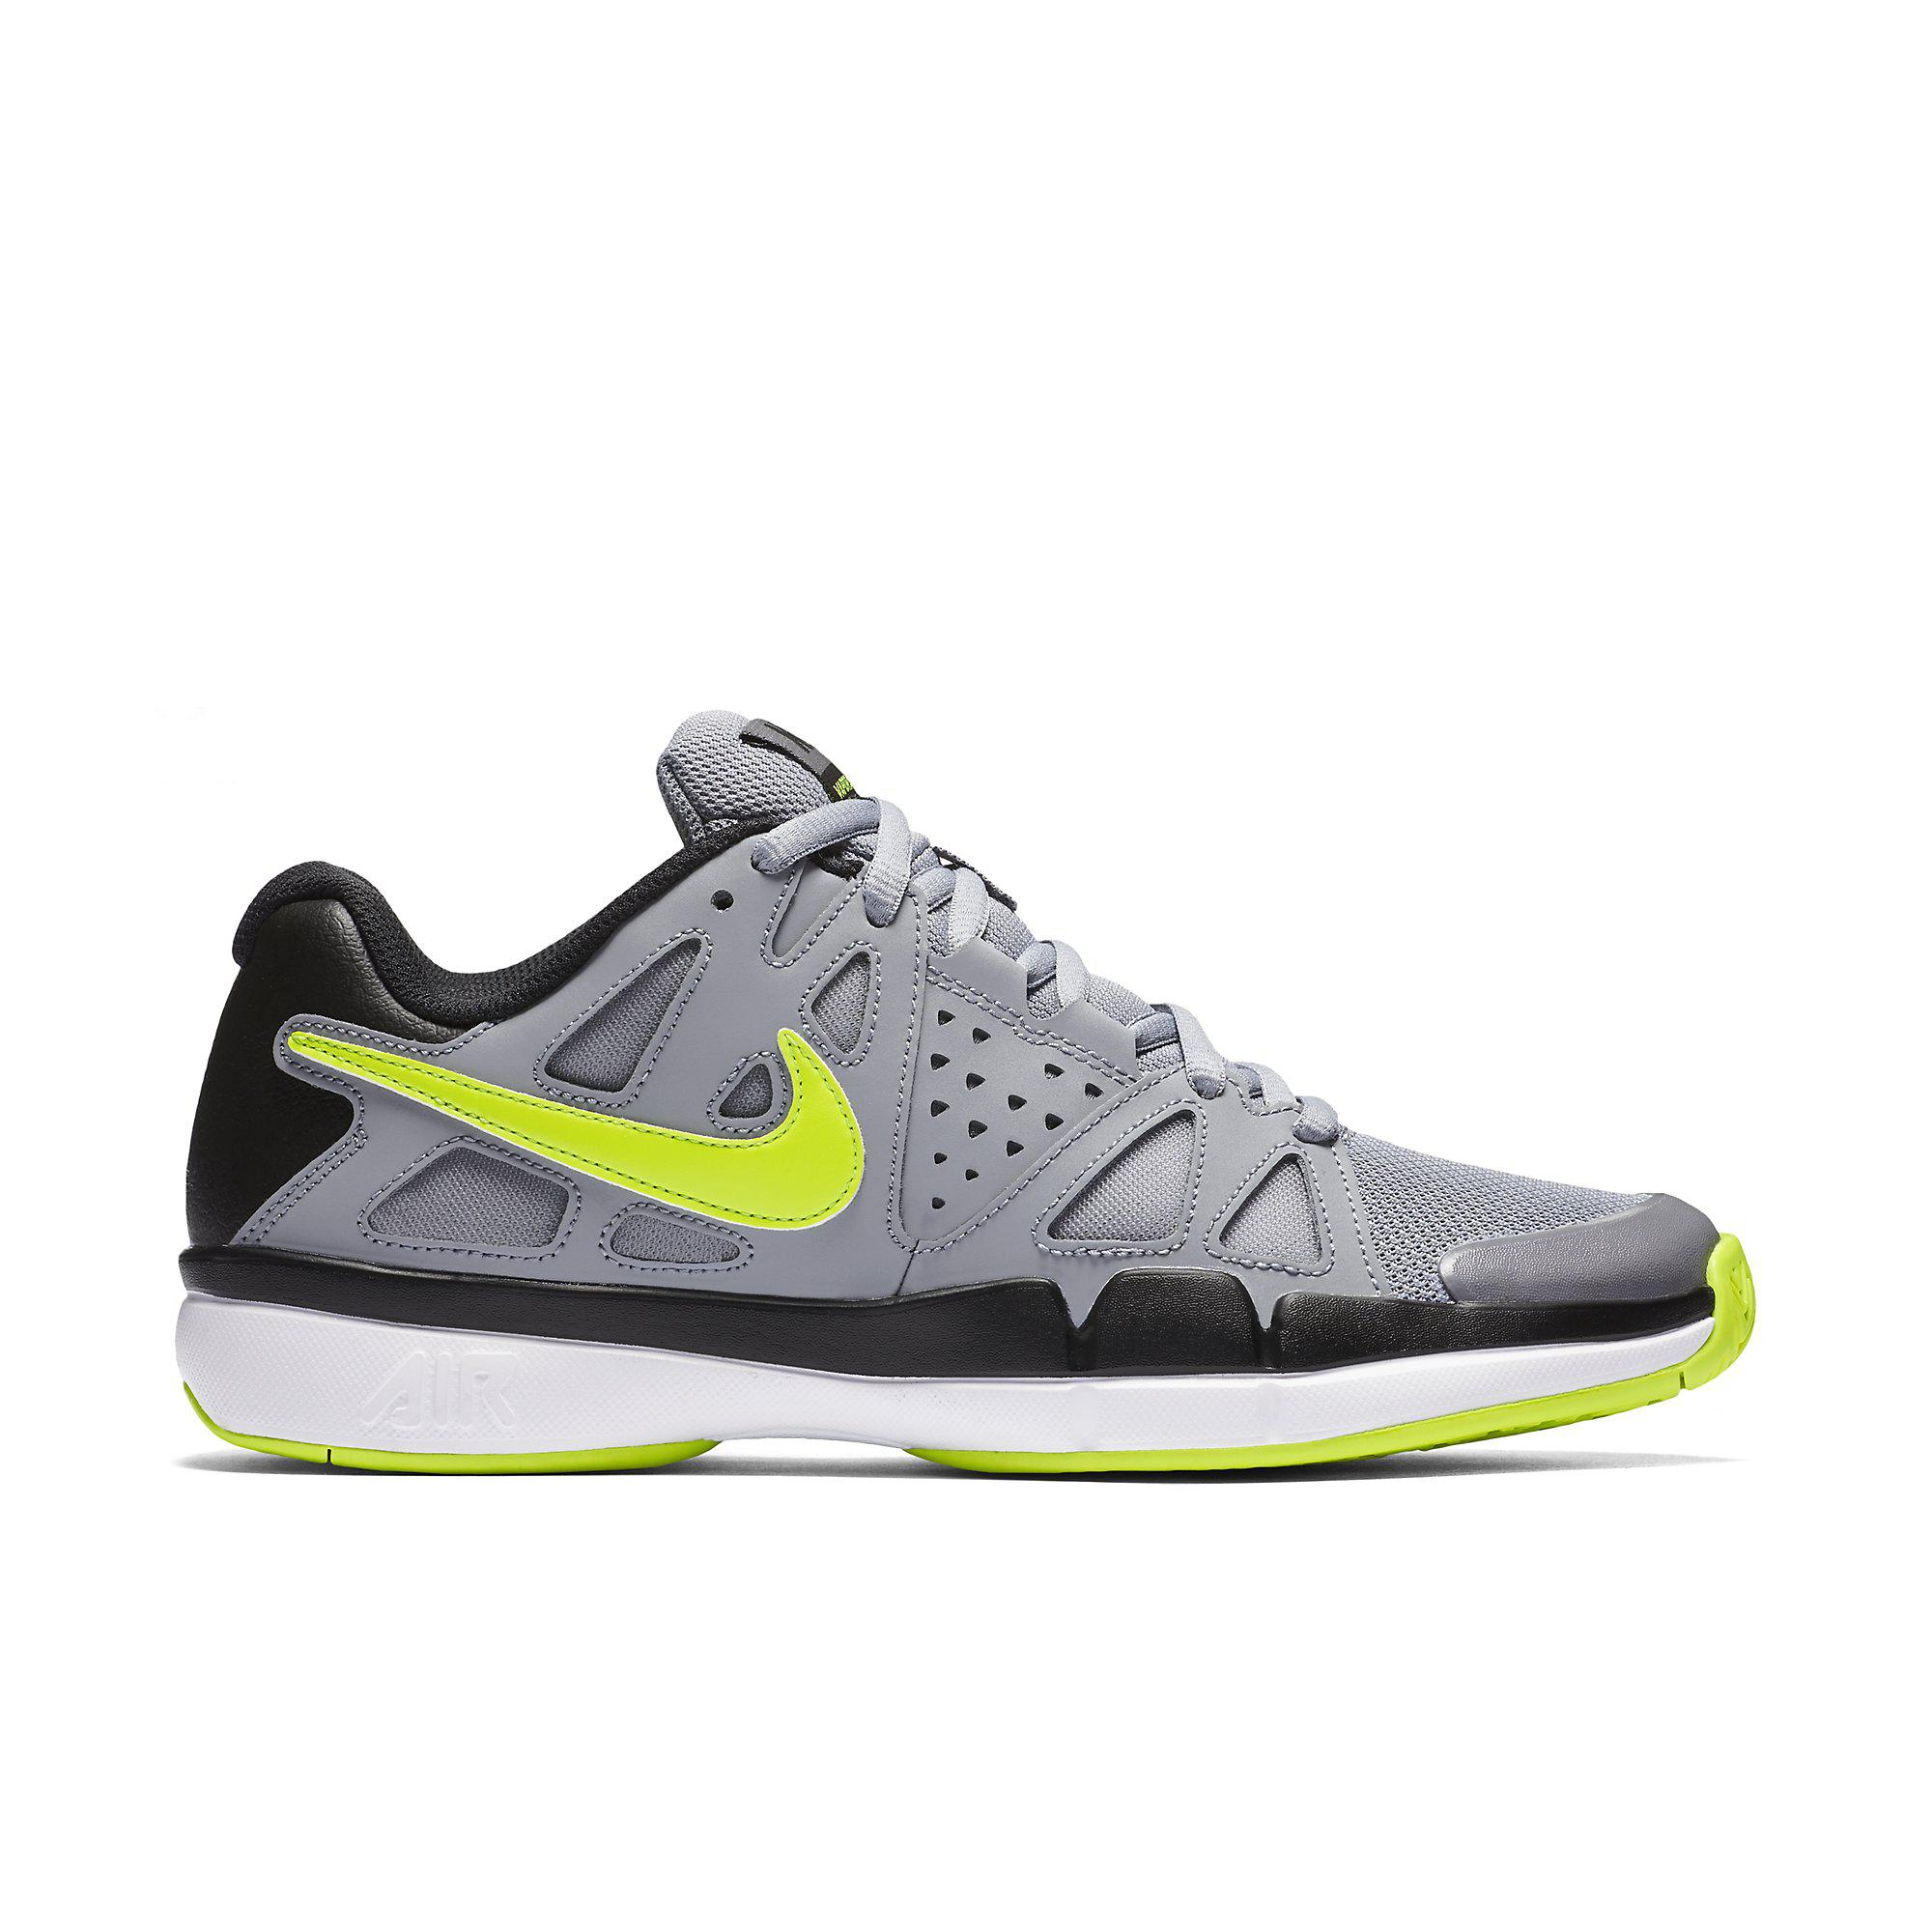 Men S Air Vapor Advantage Tennis Shoes